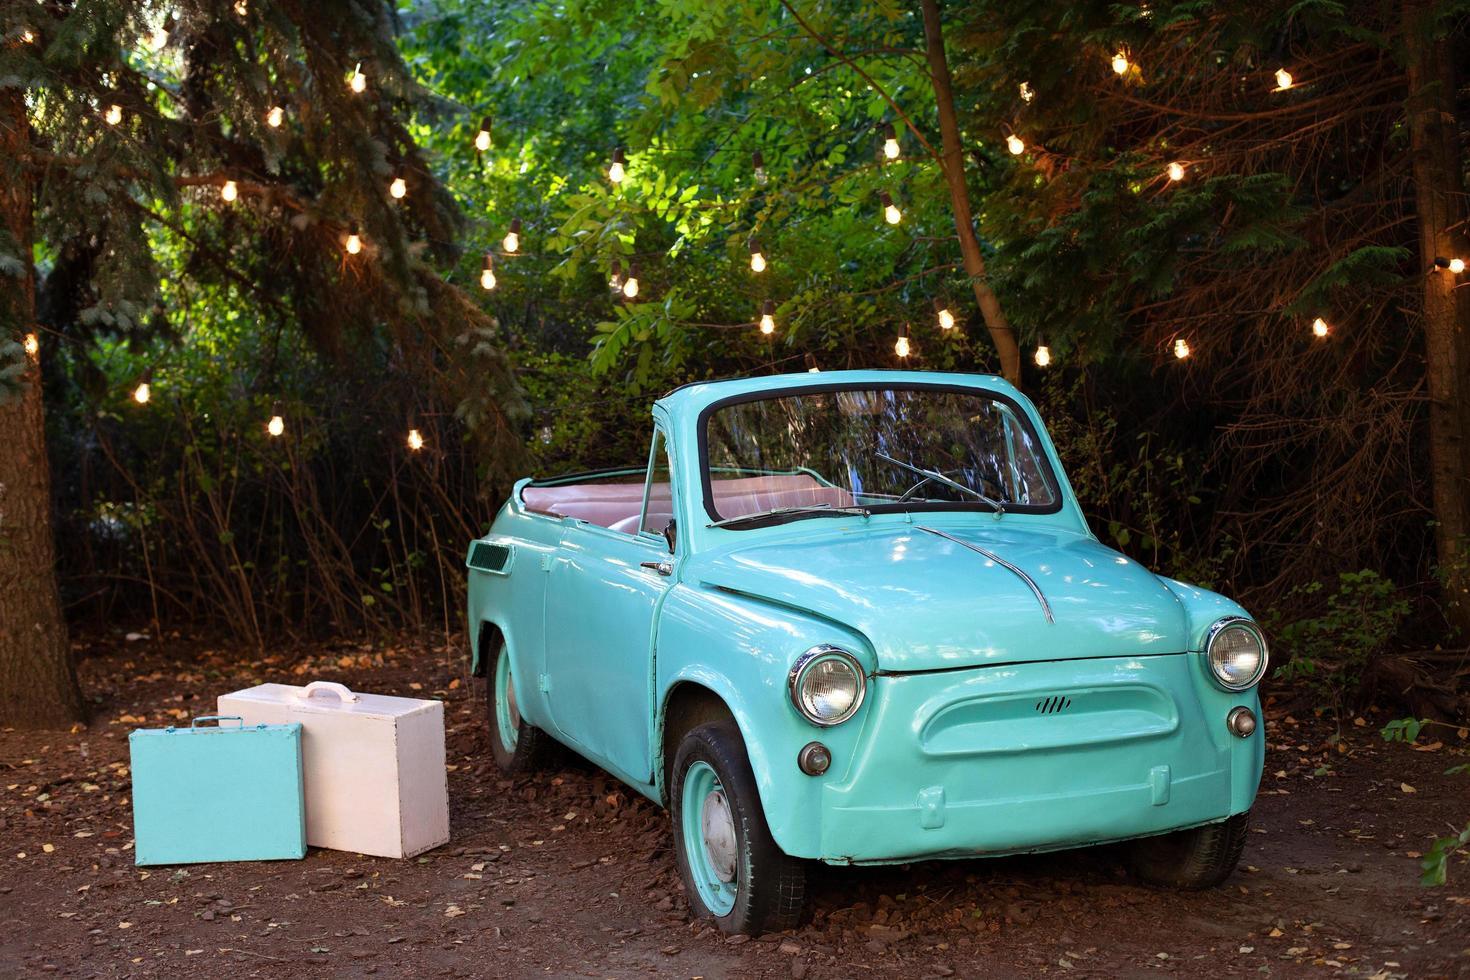 Retro small vintage turqouise car  photo